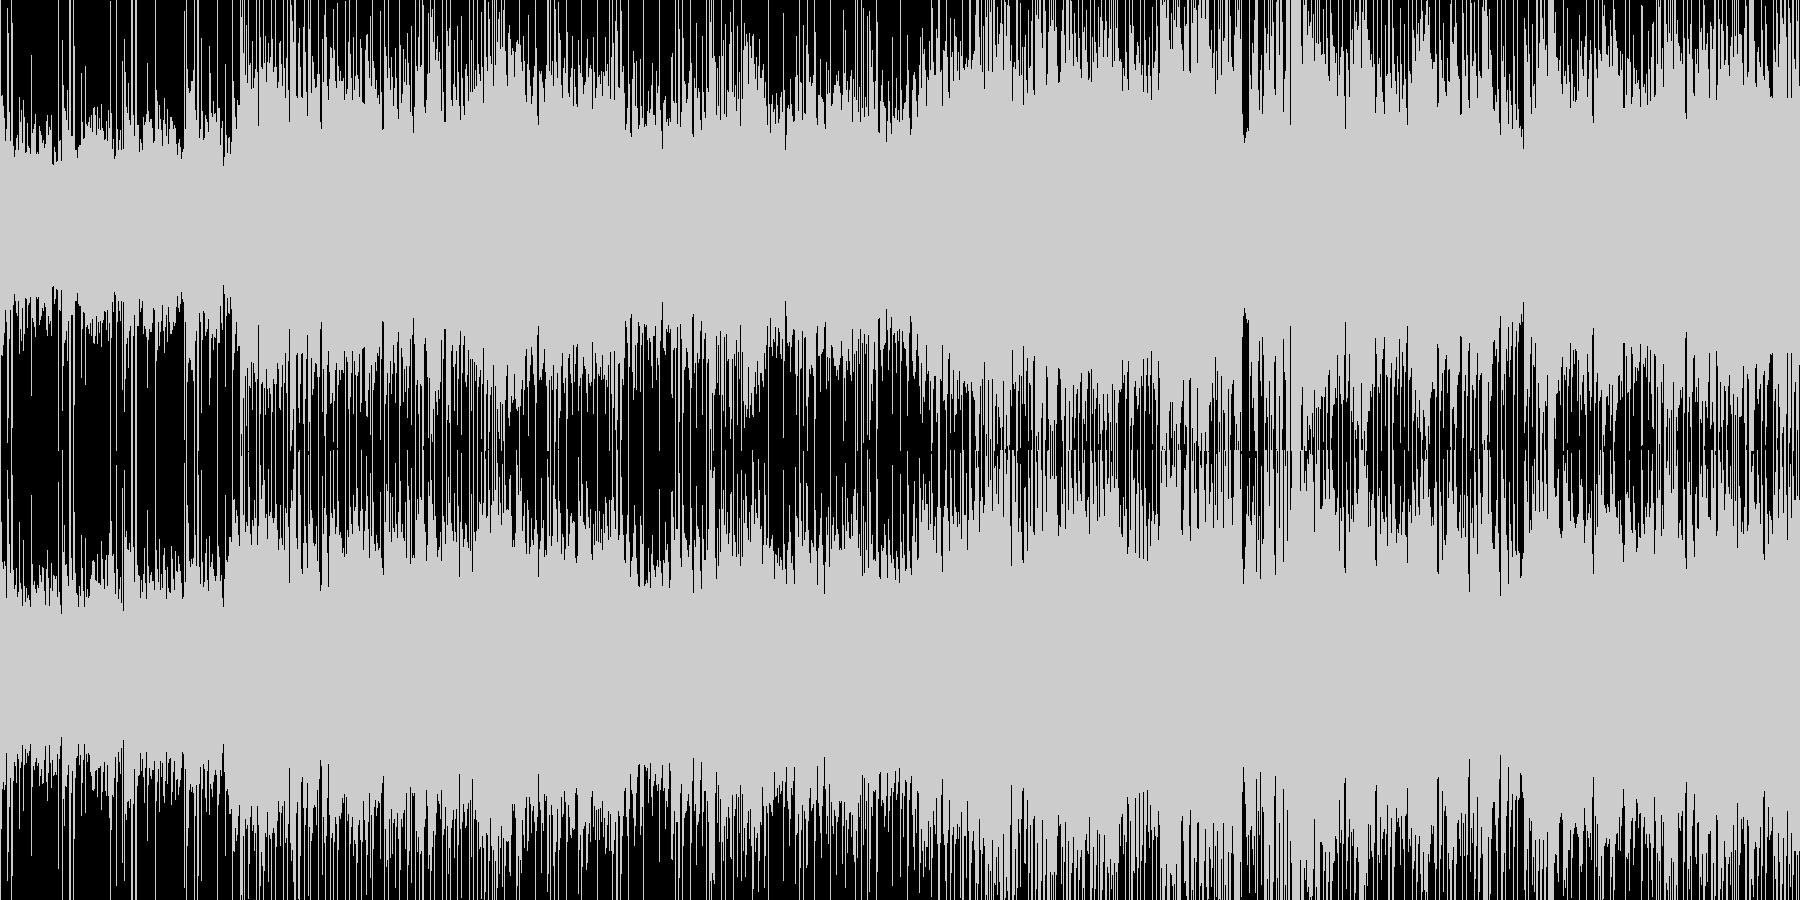 疾走感のあるSTG向けハウステクノlpの未再生の波形